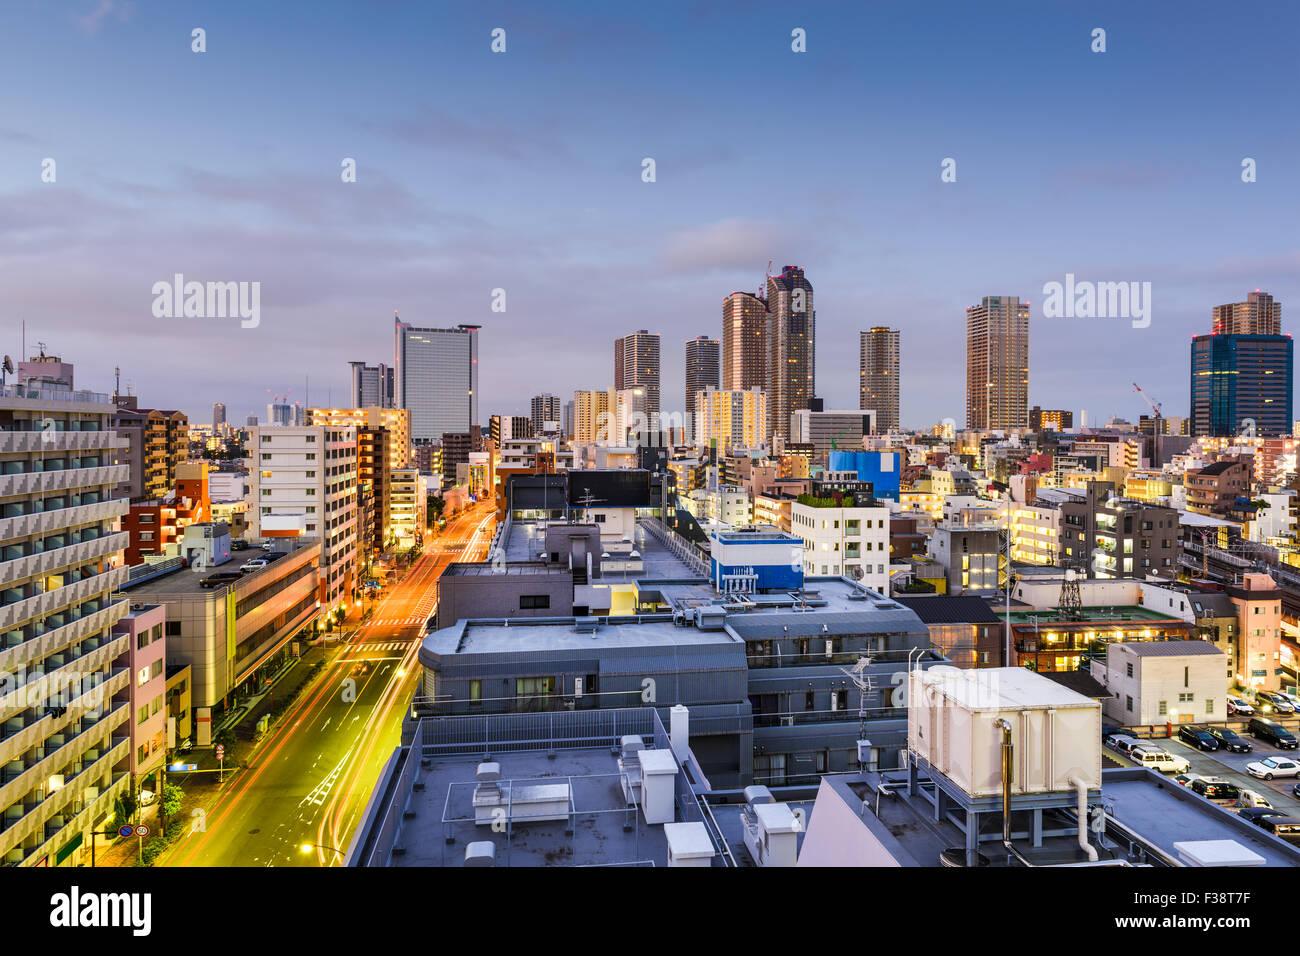 Kawasaki, Kanagawa, Japan downtown cityscape Stock Photo: 88090451